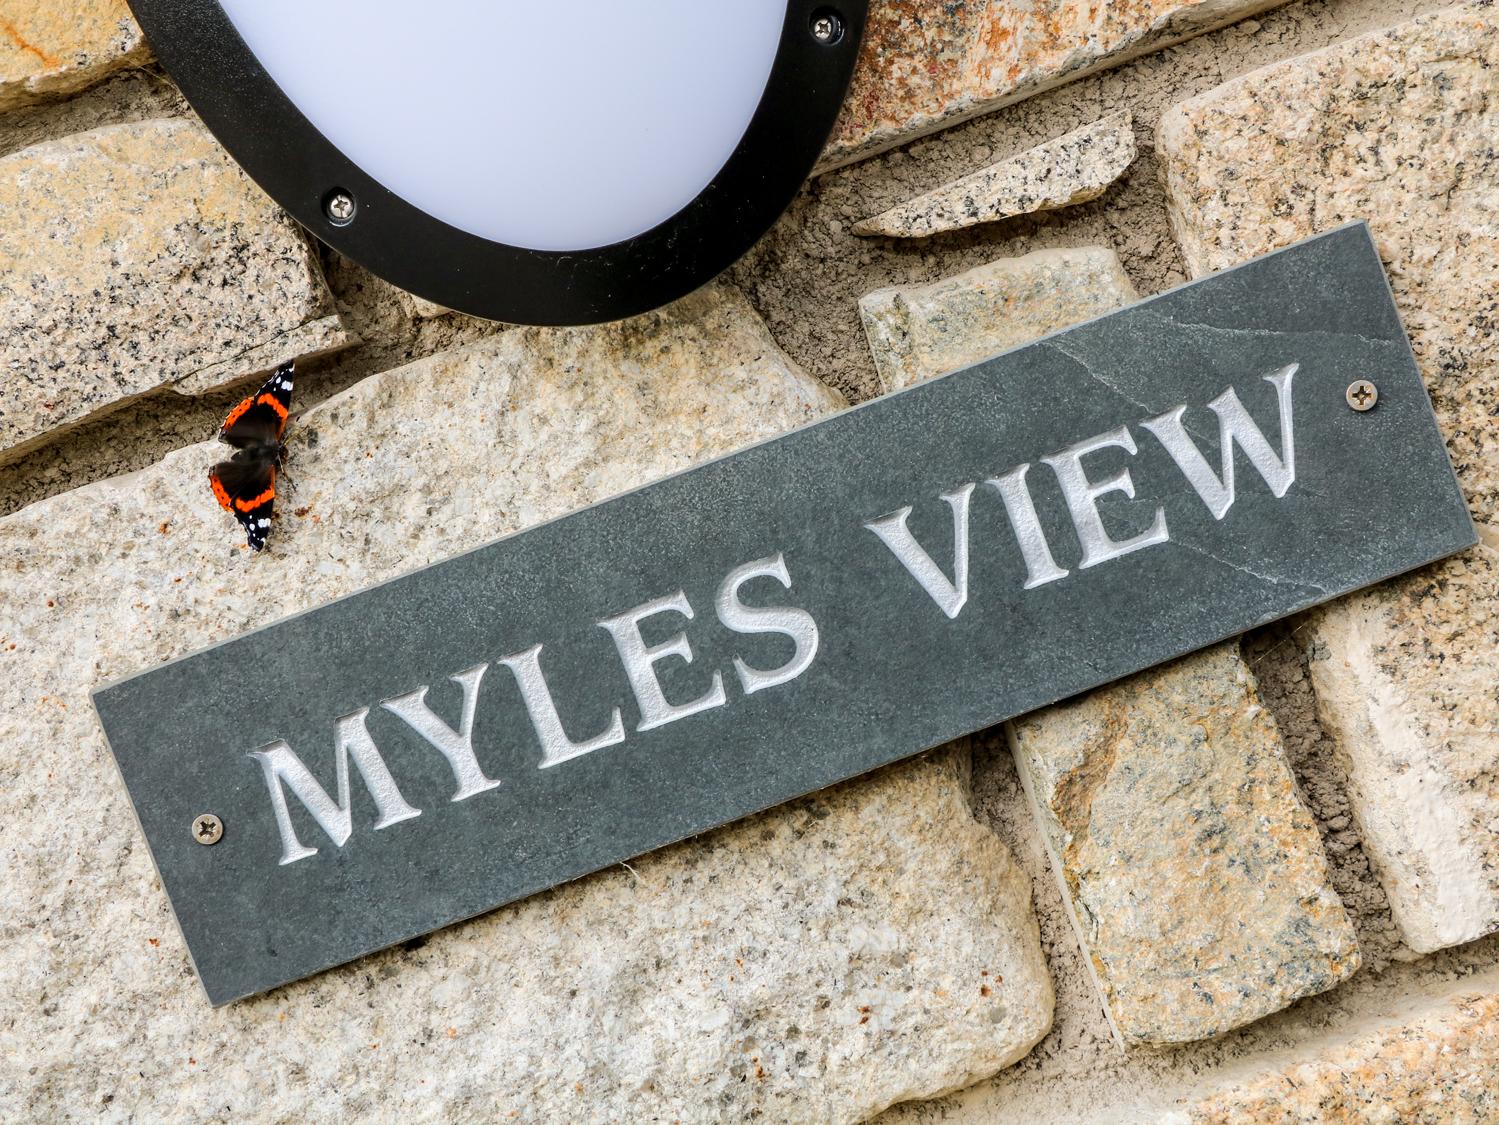 Myles View